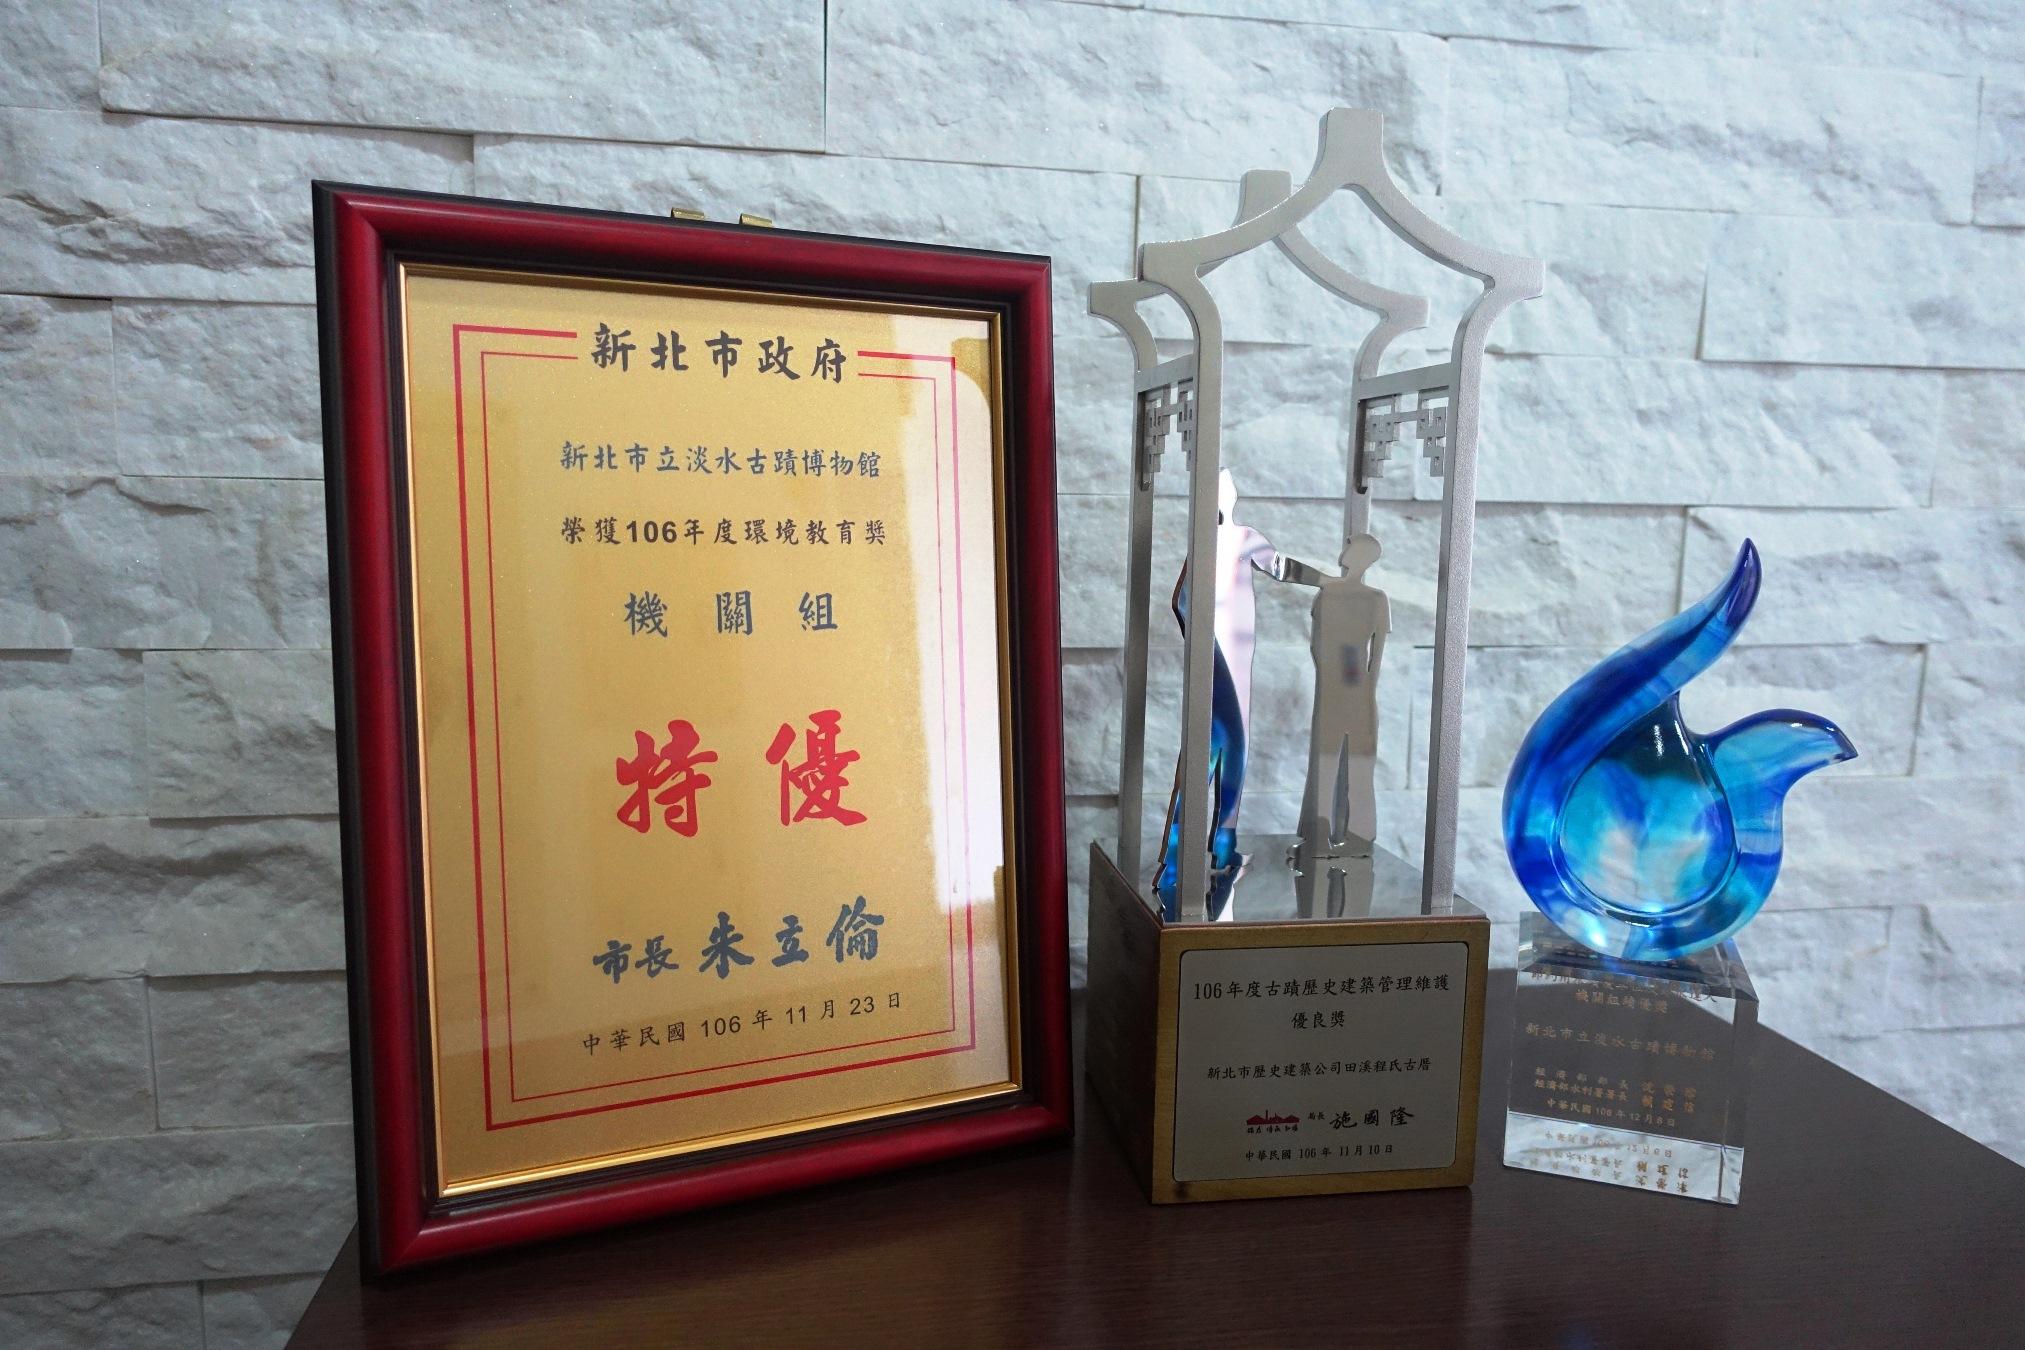 新北市立淡水古蹟博物接連獲得「文化部古蹟歷史建築管理維護優良獎」、「經濟部節水表揚」與「新北市環境教育獎」的肯定!